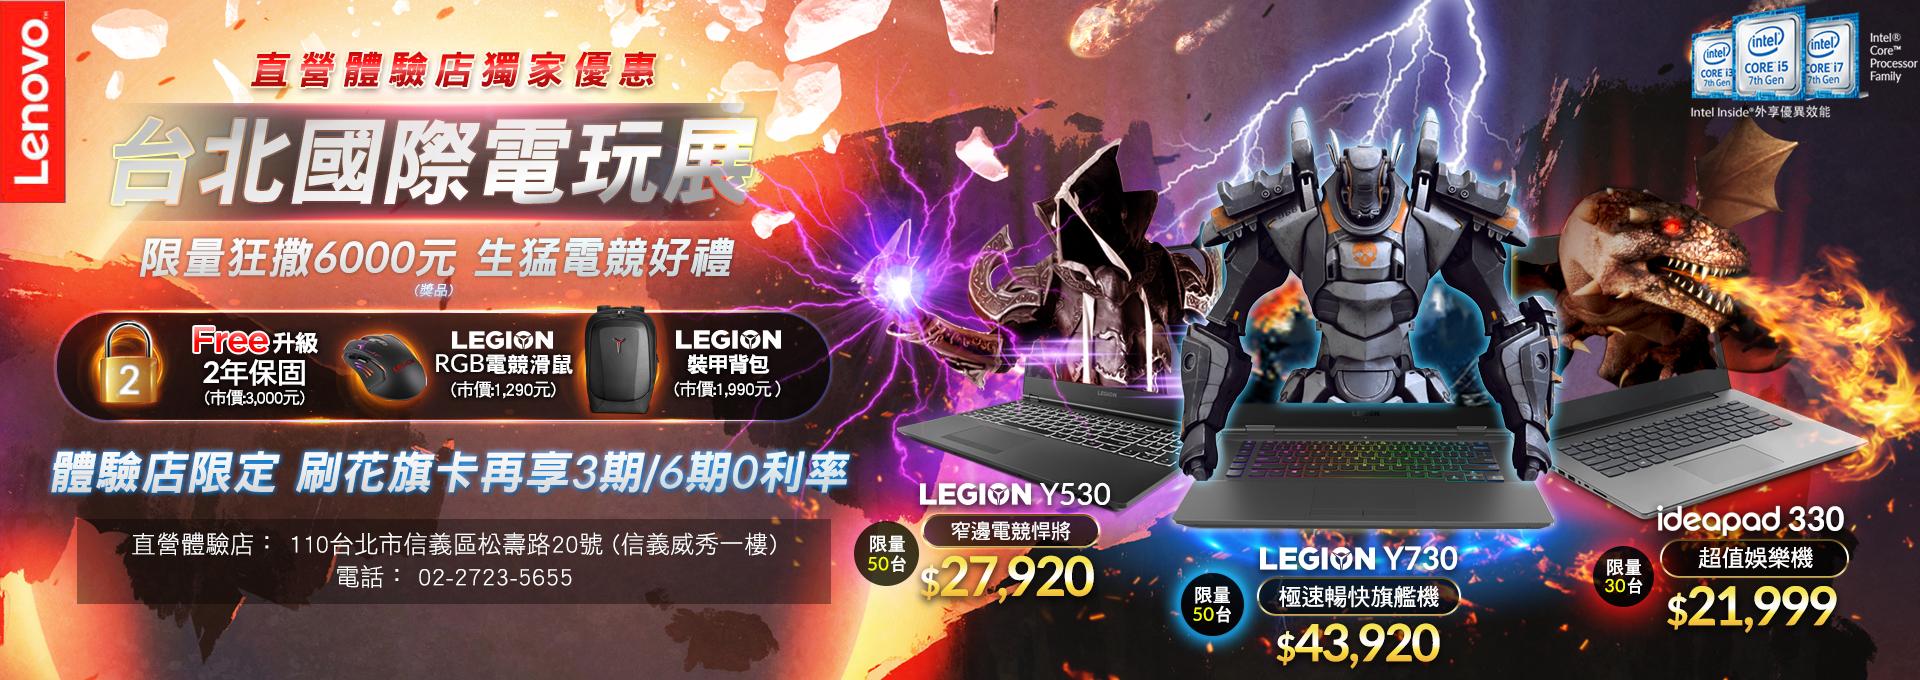 台北國際電玩展Lenovo推出實體/線上門市電競筆電驚喜破盤回饋